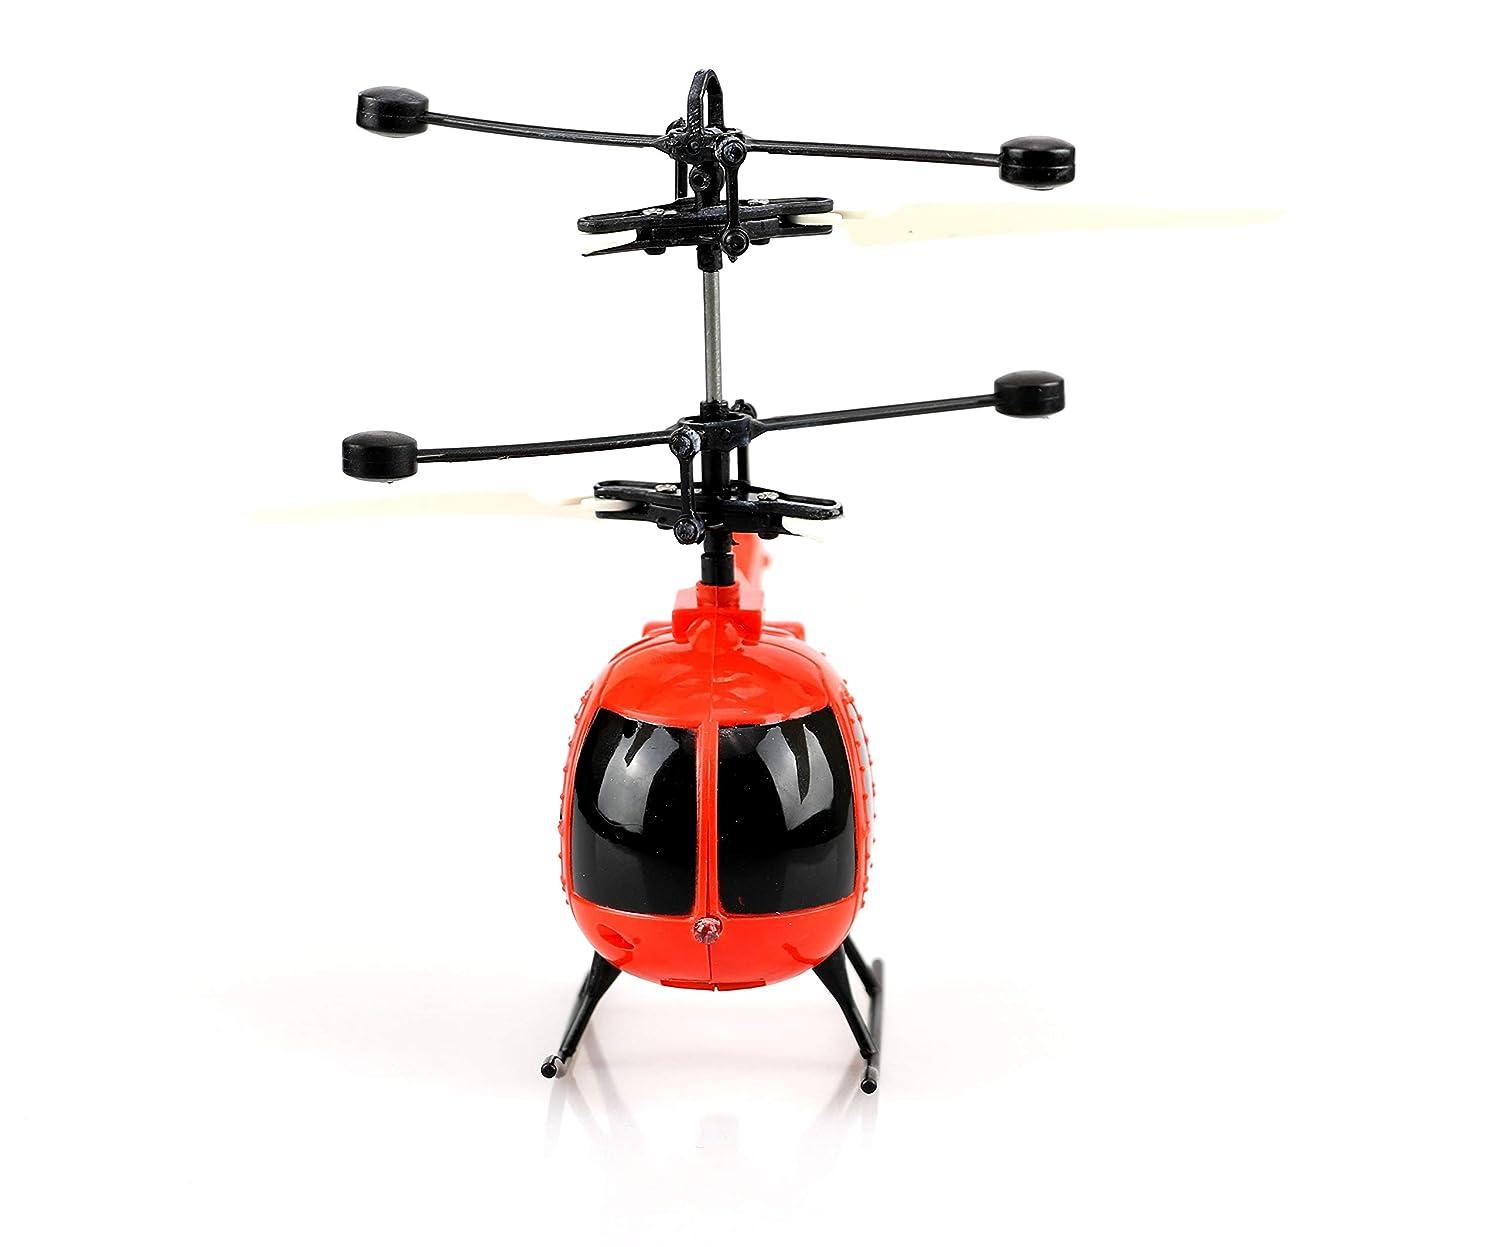 Hughes 500 Moustiquaire H/élicopt/ère 500 Facile /à piloter avec le mouvement de la main Un super cadeau pour tous les amis et les pilotes rouge - Nouveaut/é 2018 Jouet pour jeune et vieilli